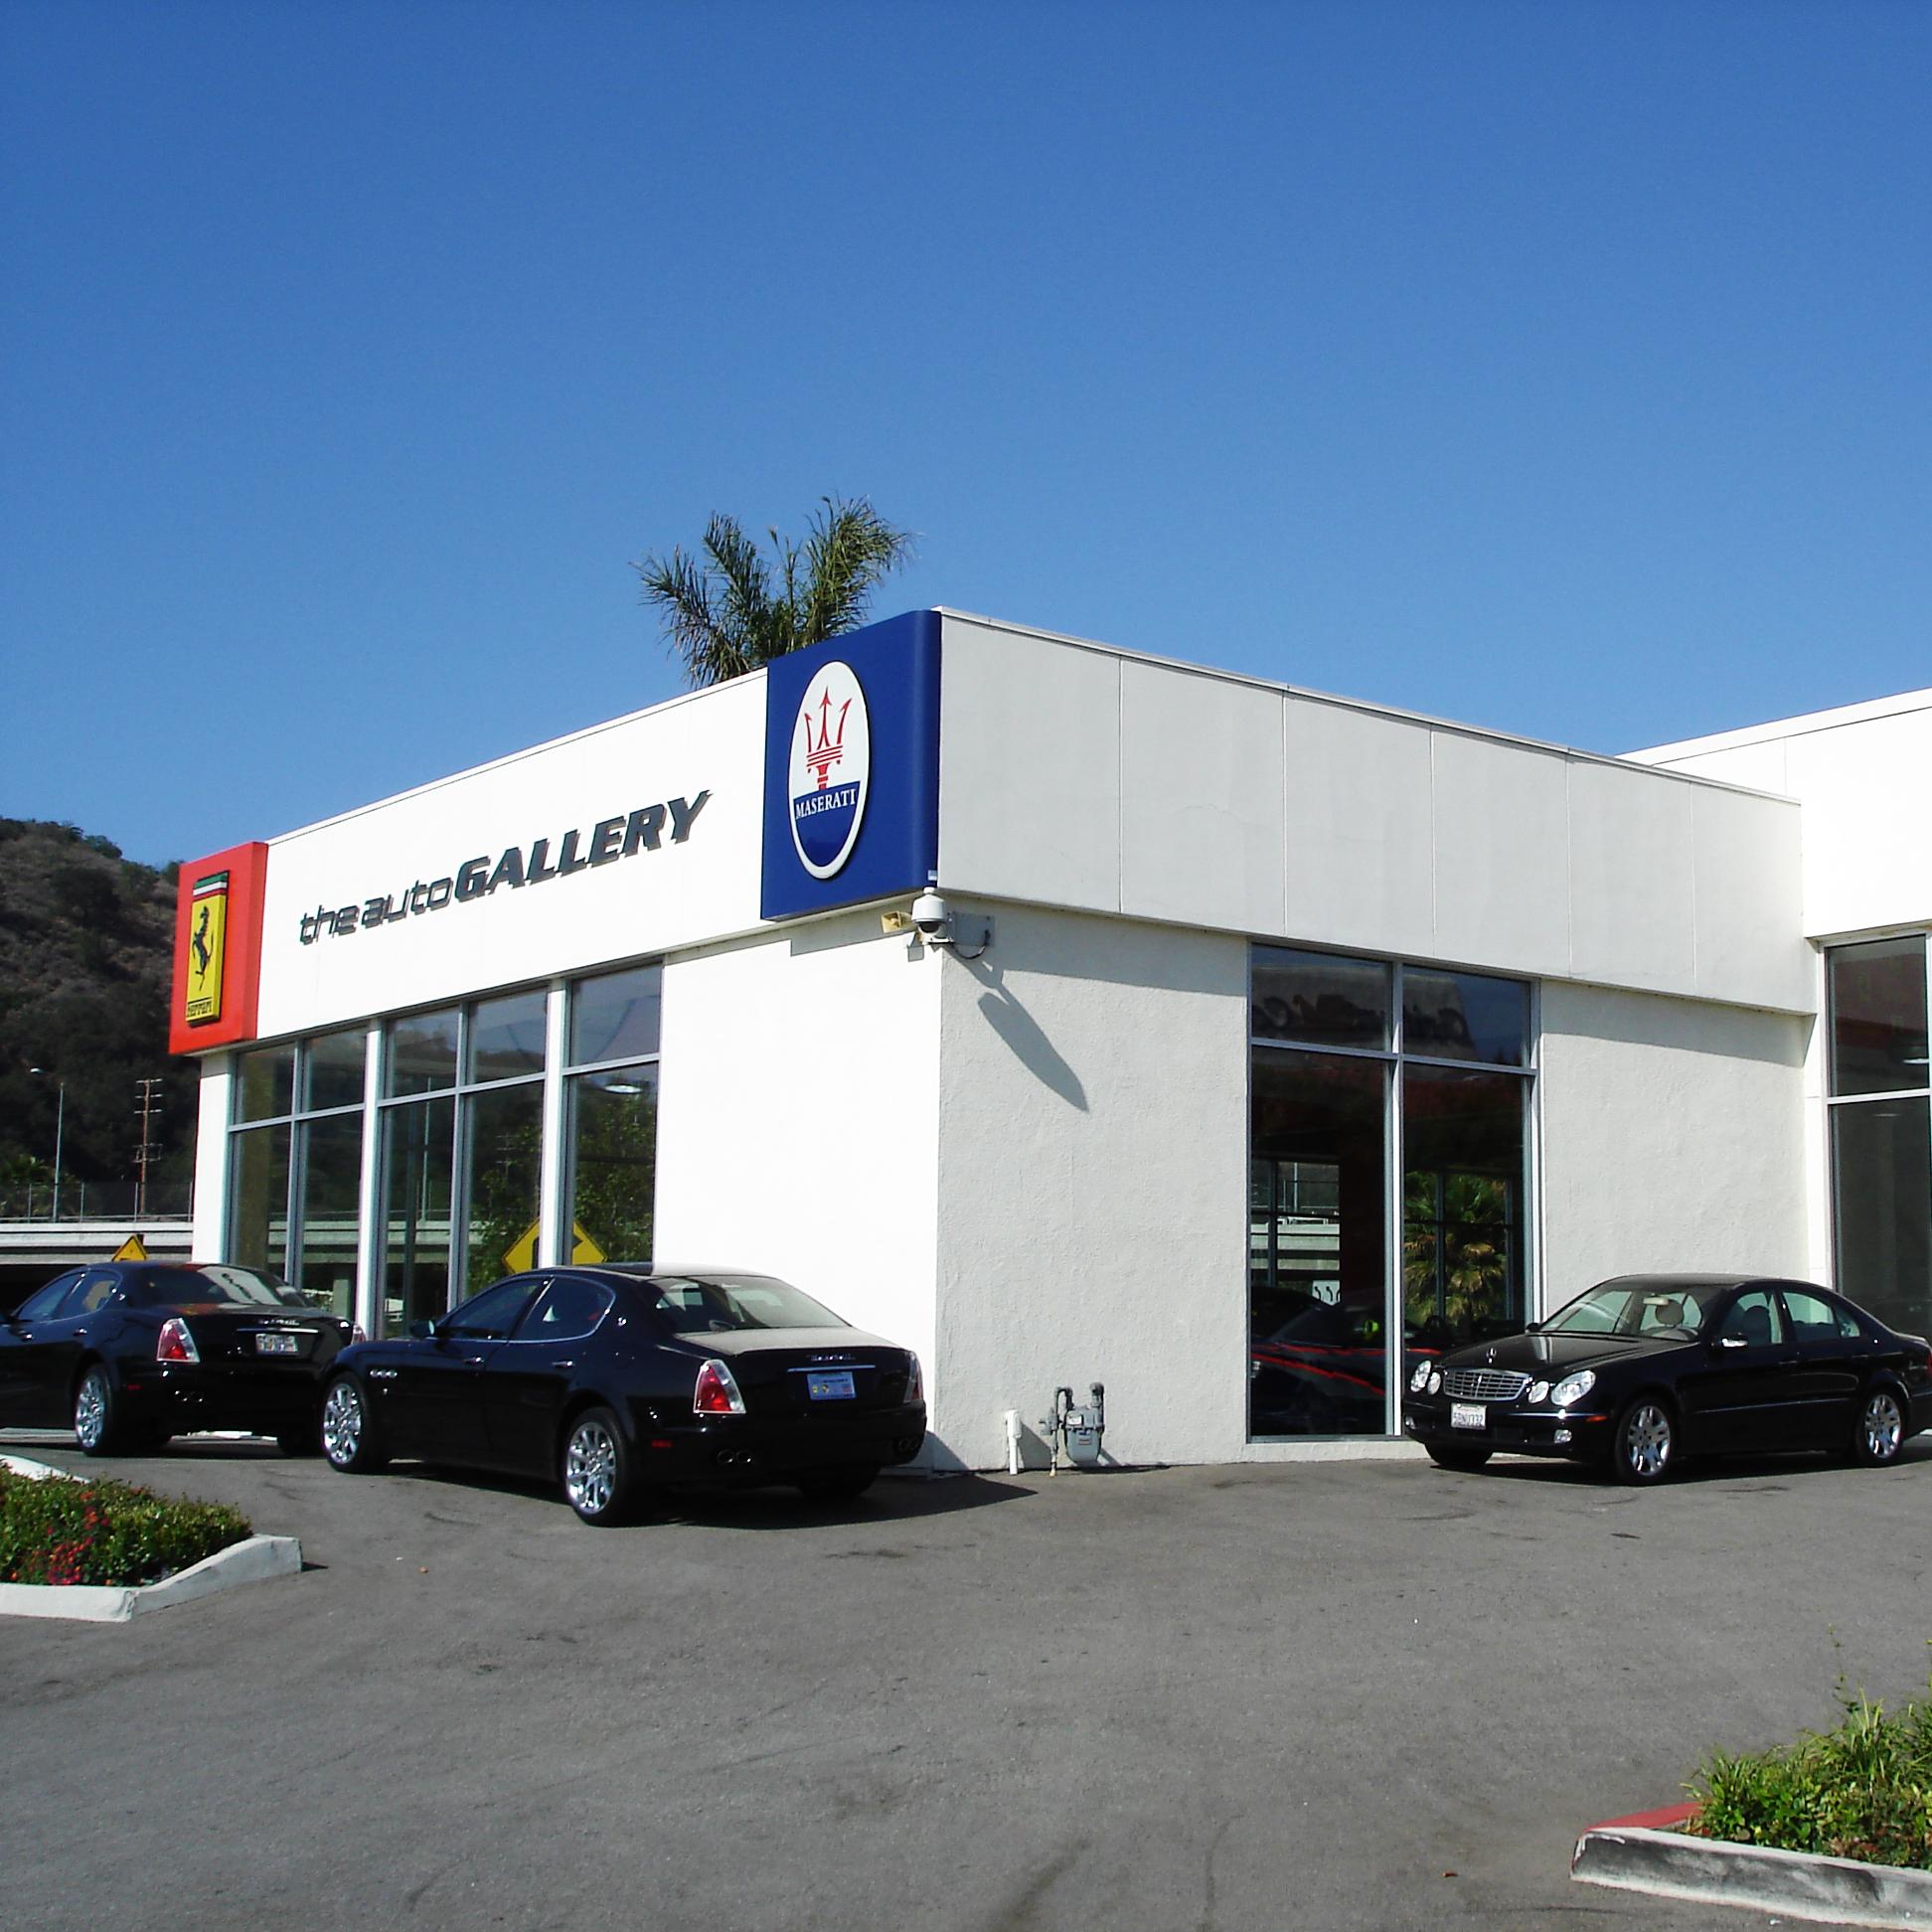 Auto Gallery in Calabasas, CA